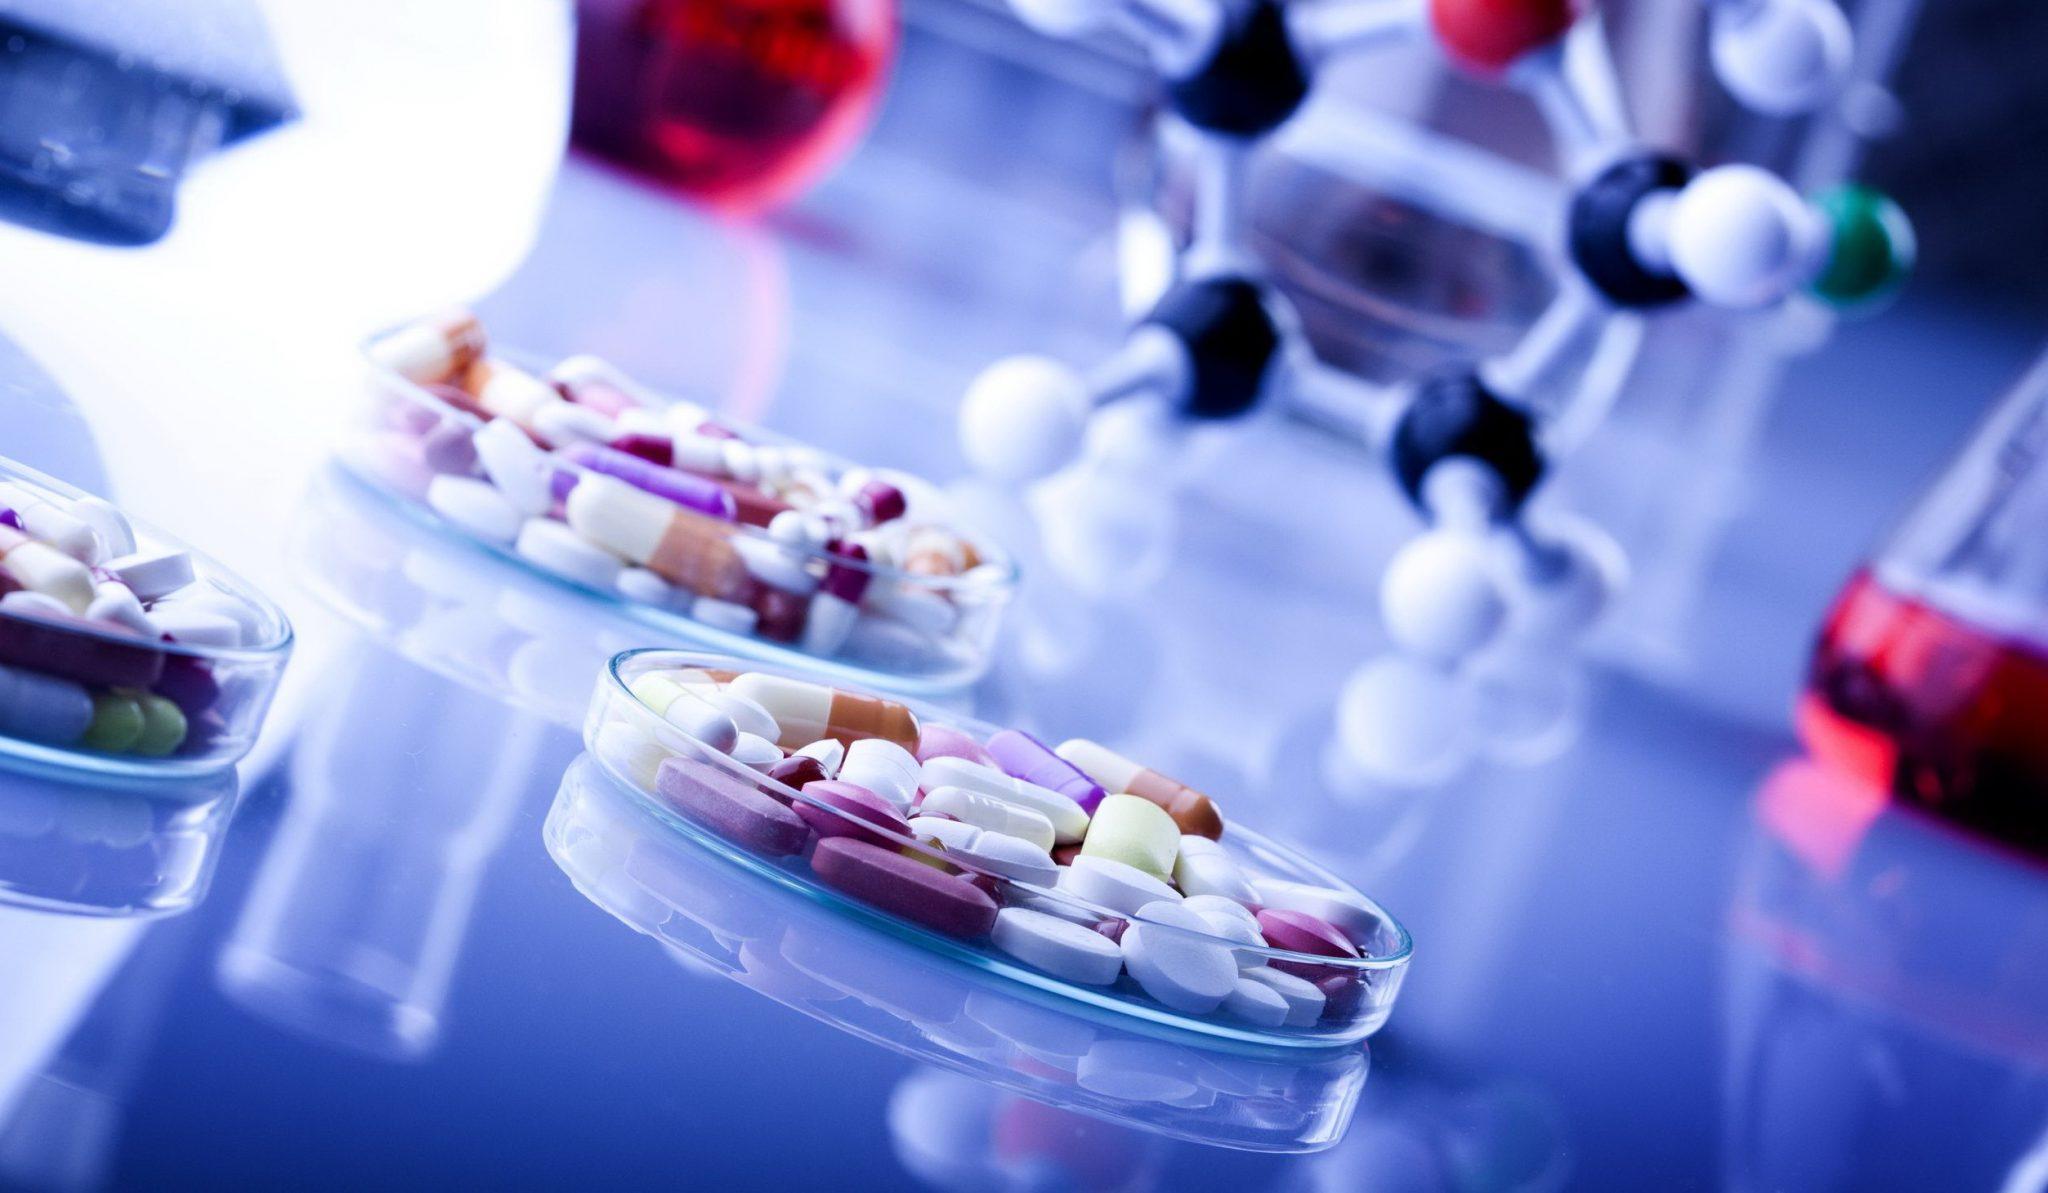 последующие картинки к презентации о лекарствах оберега напоминает переплетение